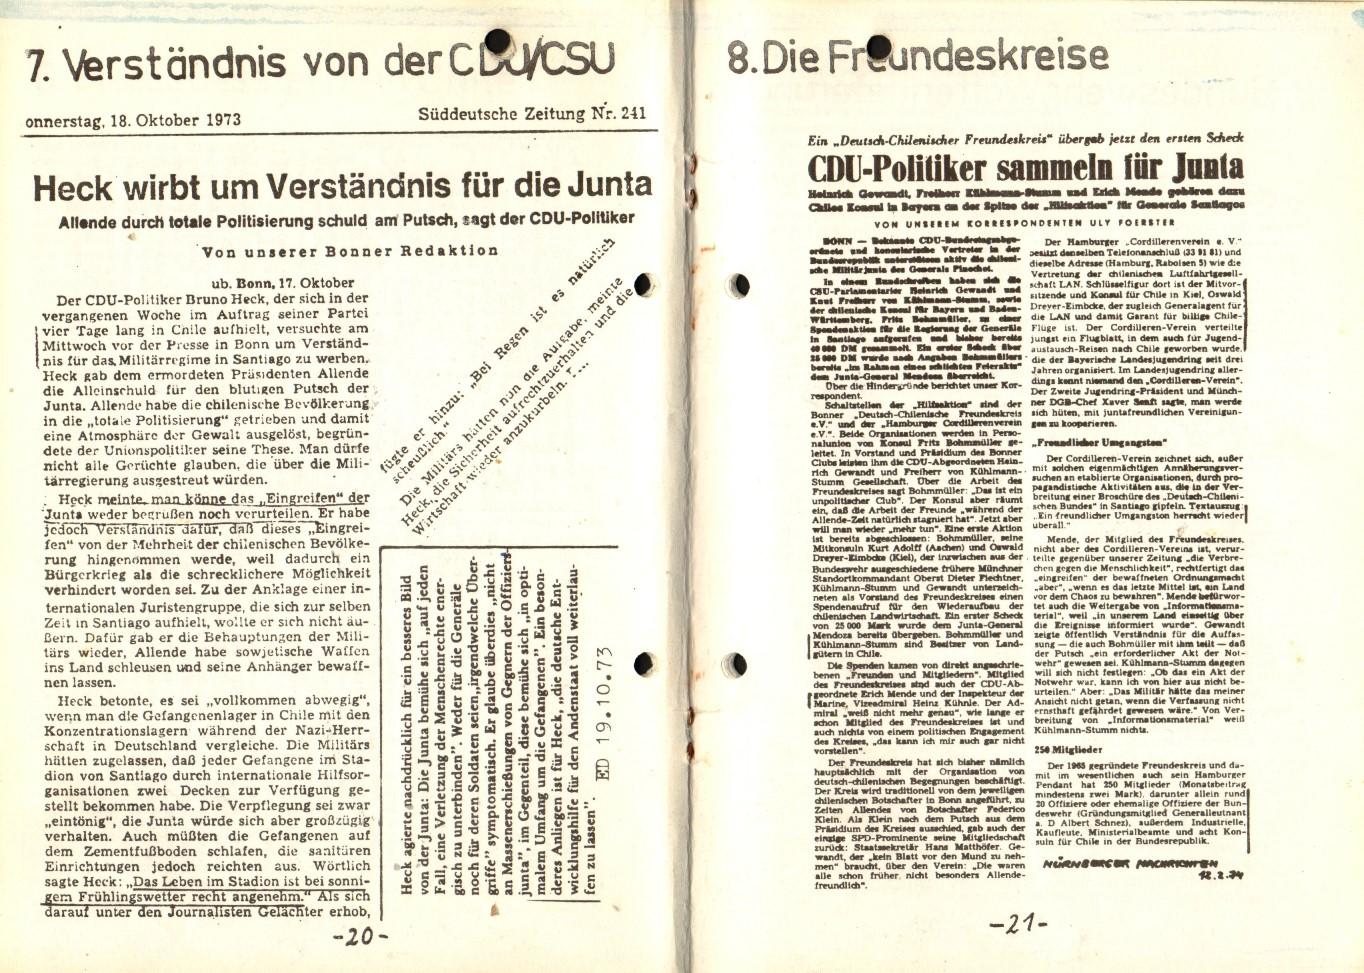 Duisburg_ML_1974_Die_Feinde_des_chilenischen_Volkes_11